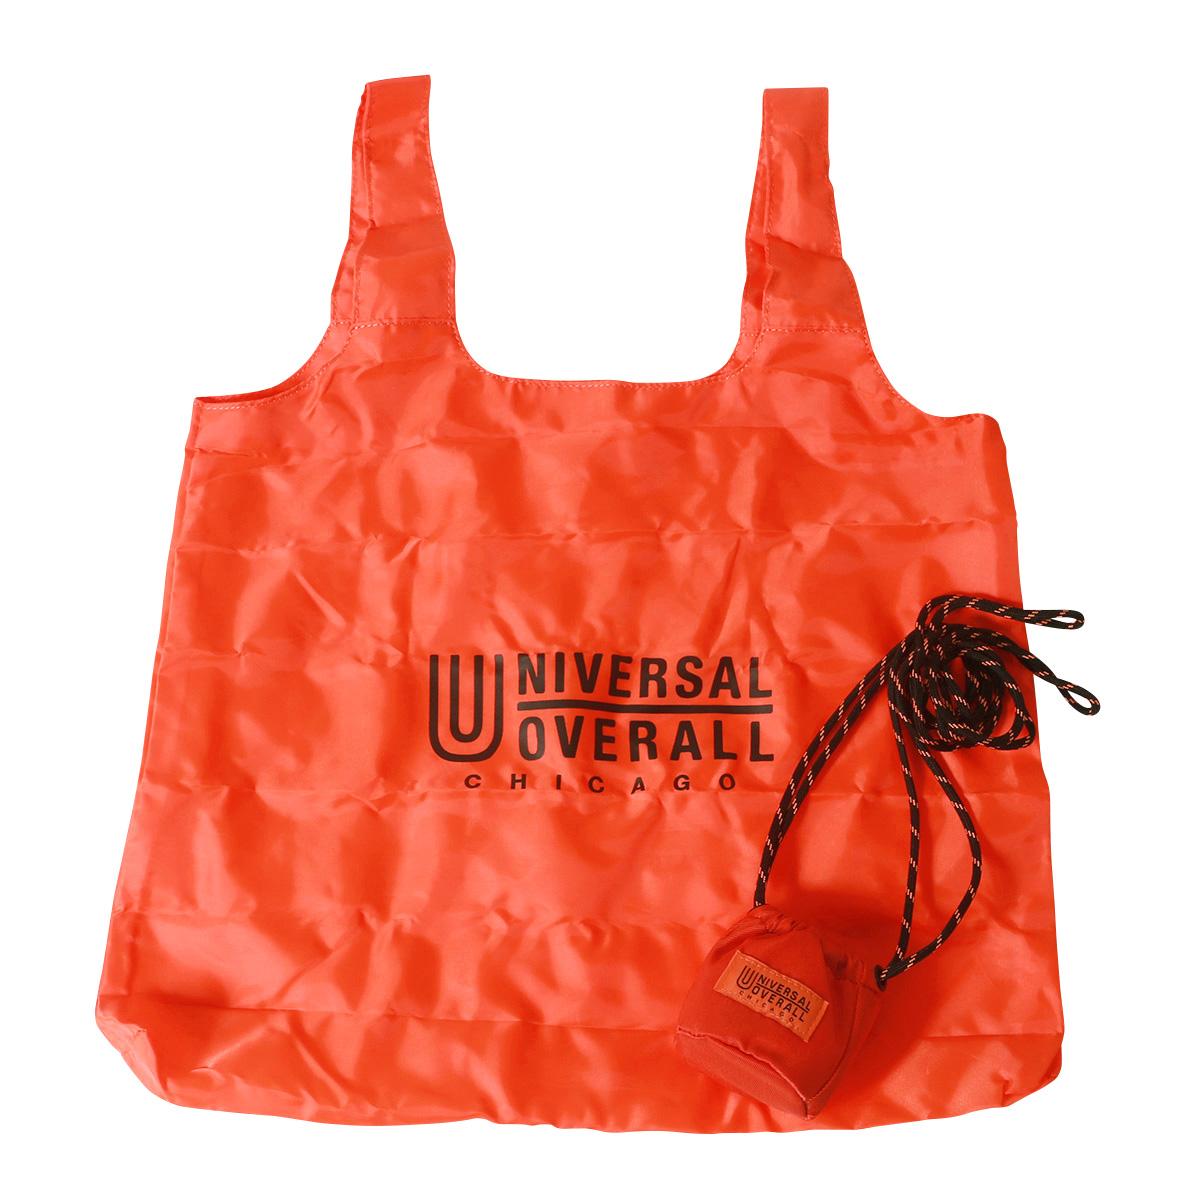 UNIVERSAL OVERALL へそ巾着ポーチ・エコバッグ・ユニバーサルオーバーオール アメカジ